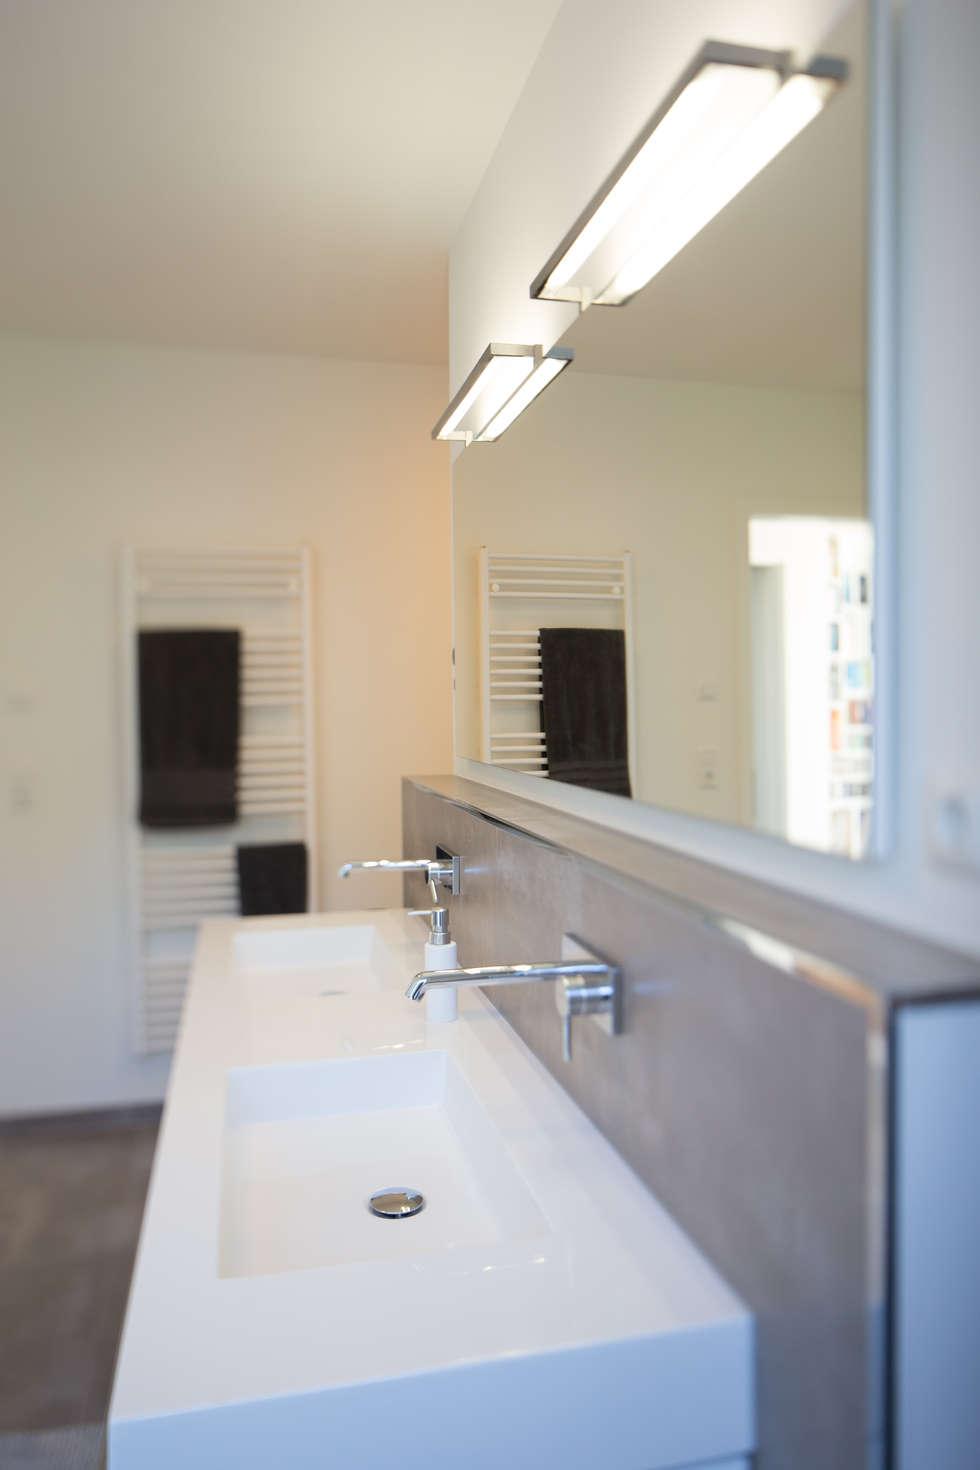 Badezimmer: moderne Badezimmer von Hellmers P2 | Architektur & Projekte